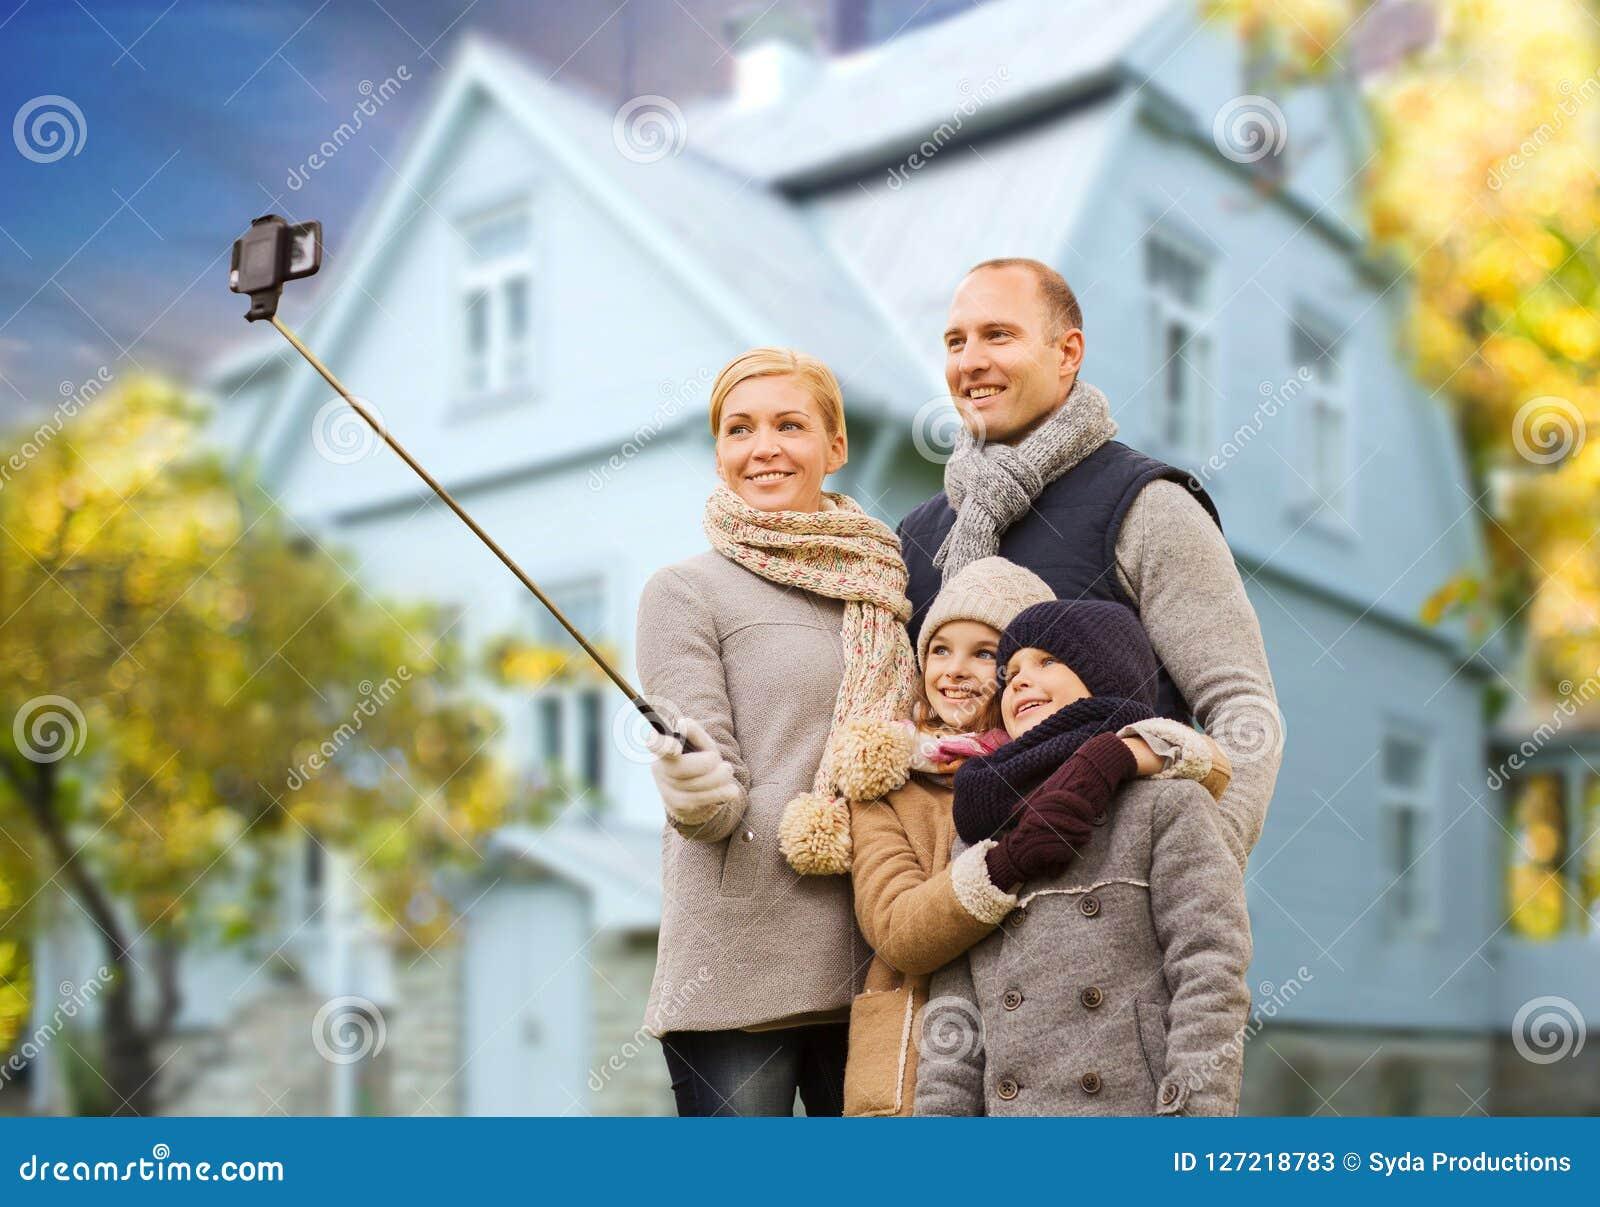 Familjen tar höstselfie vid mobiltelefonen över hus